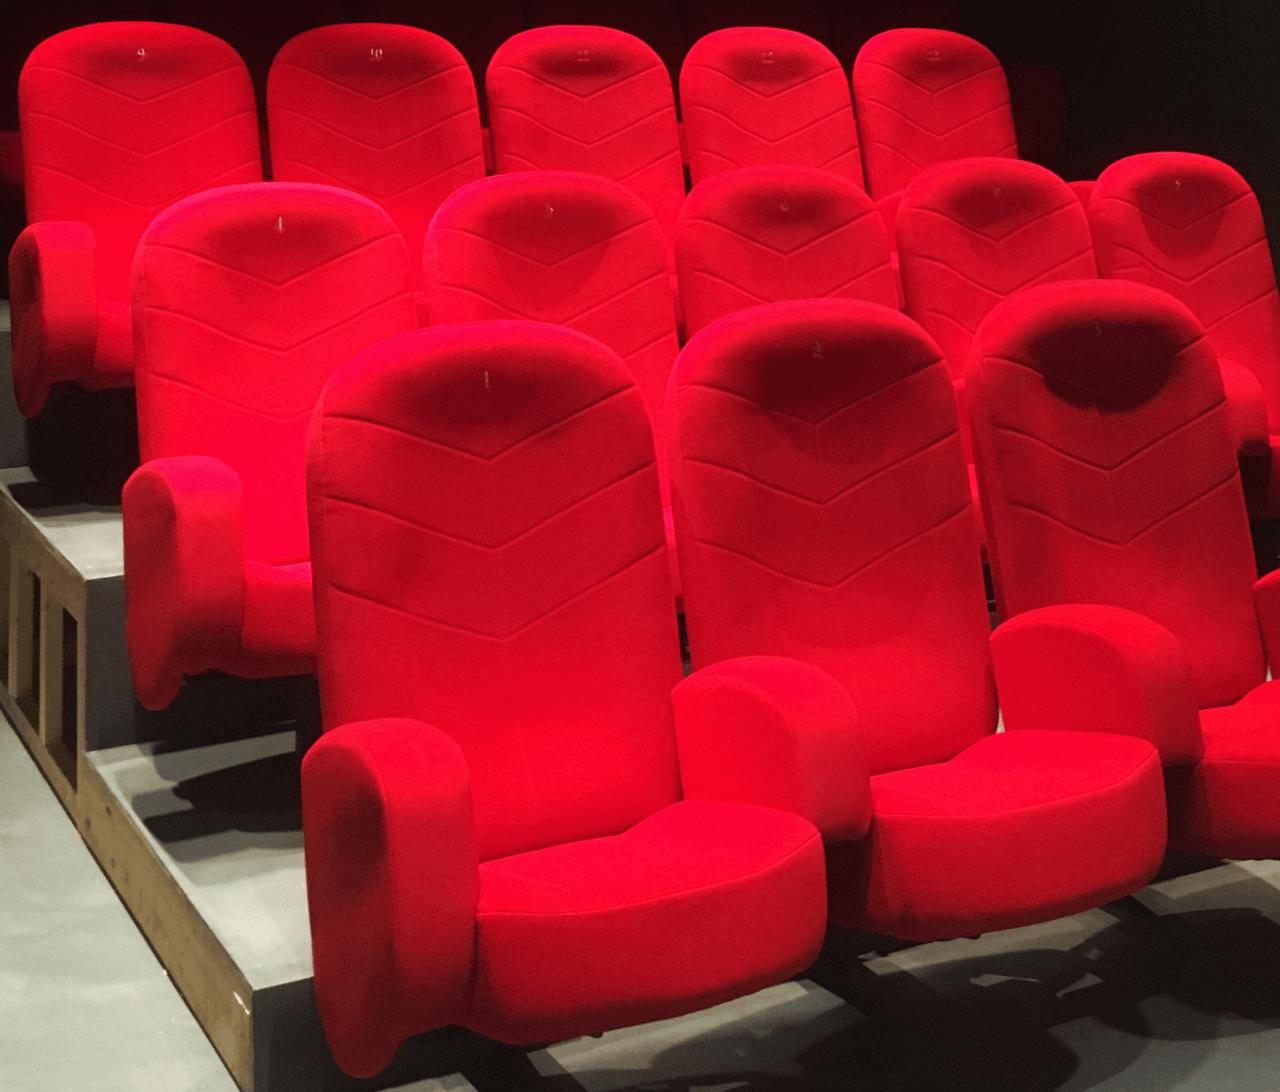 Kleslo - Leader de fabrication de fauteuils cinéma, théâtre ... edition jacques brel bruxelles v2